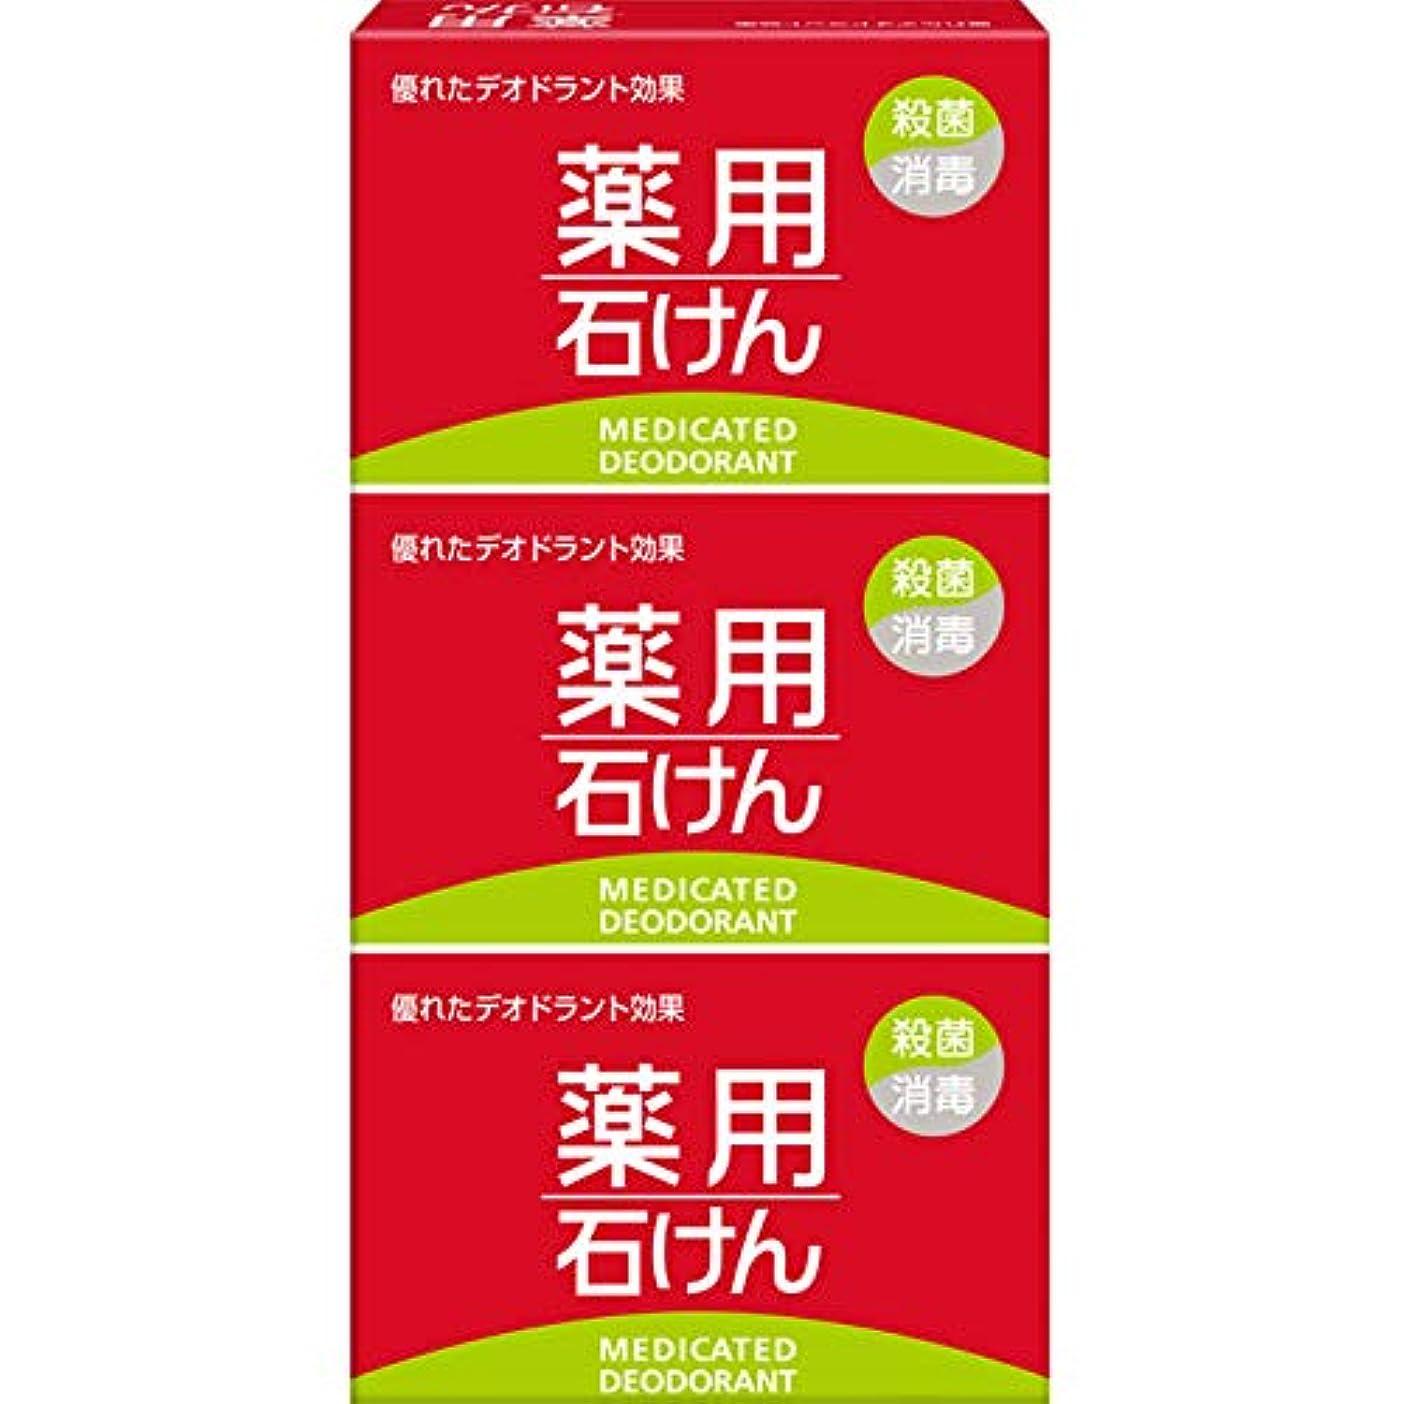 冷笑する食物ムスタチオMK 薬用石けん 100g×3個 (医薬部外品)